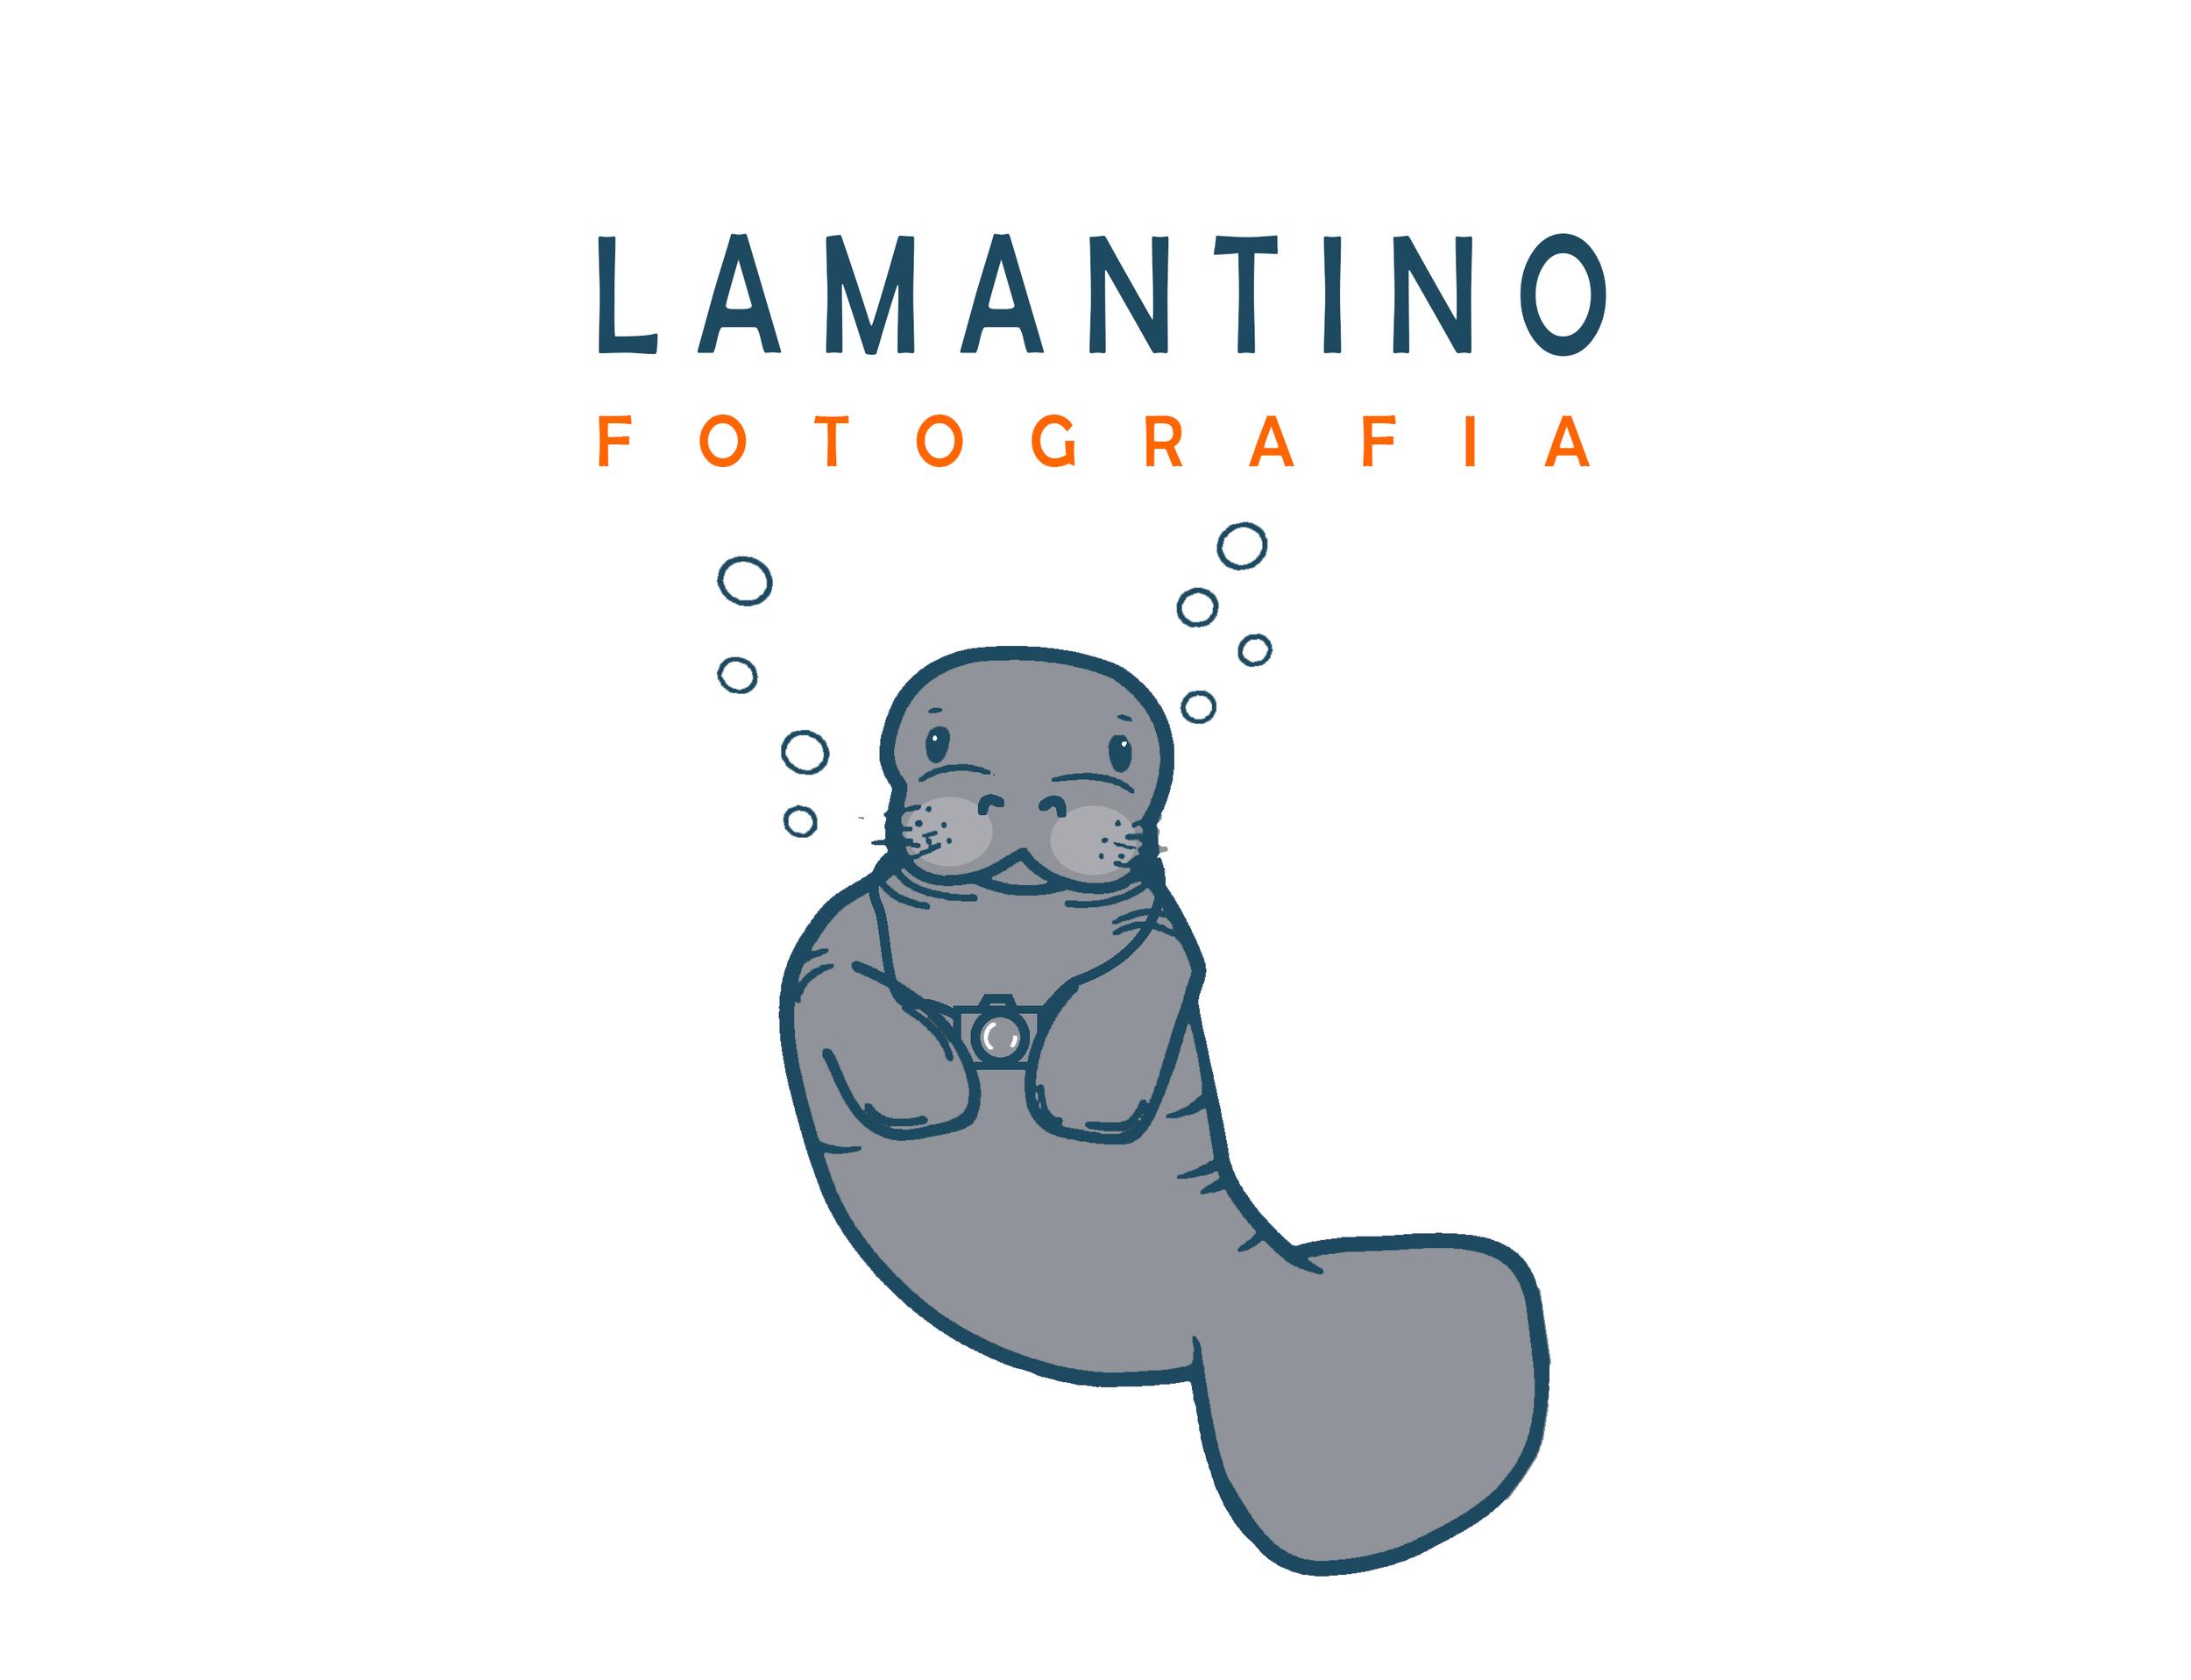 Festa-Infantil-Lamantino-Fotografia.png